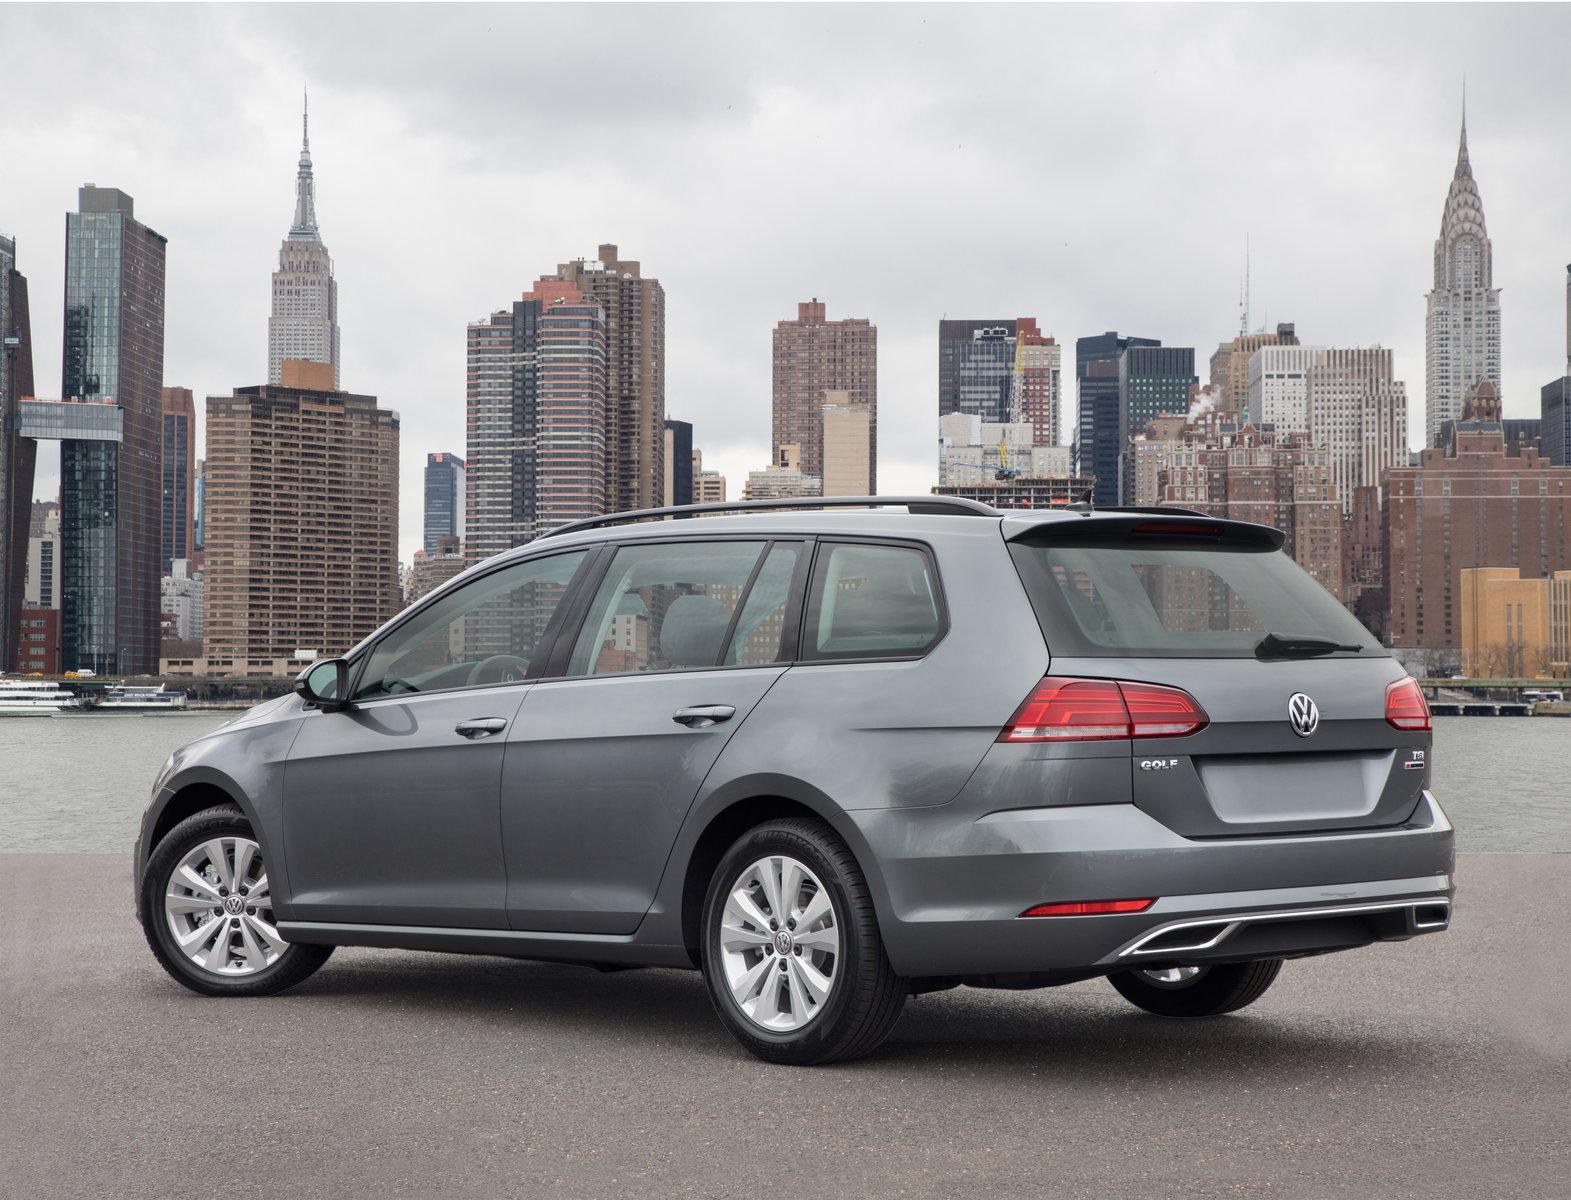 2018 Volkswagen Golf Sportwagen Preview Pricing Release